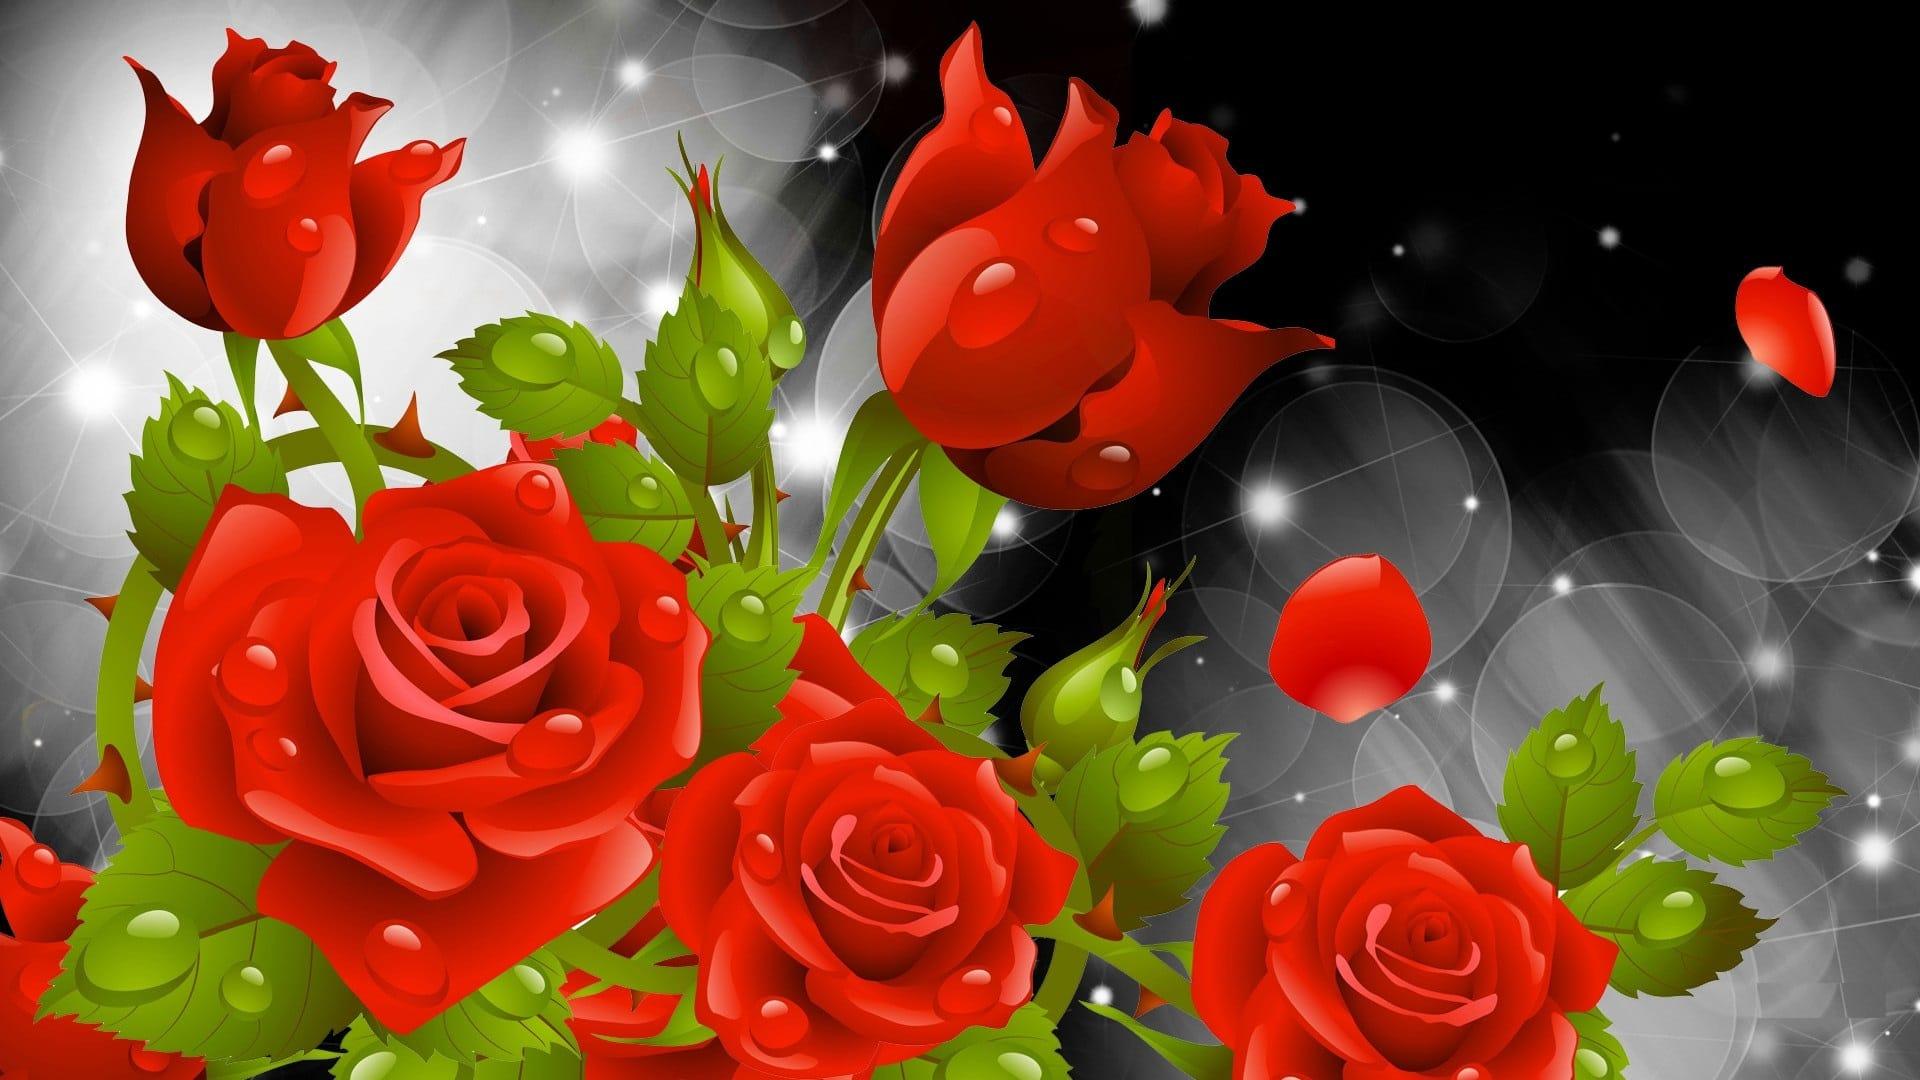 hình nền máy tính hoa hồng leo